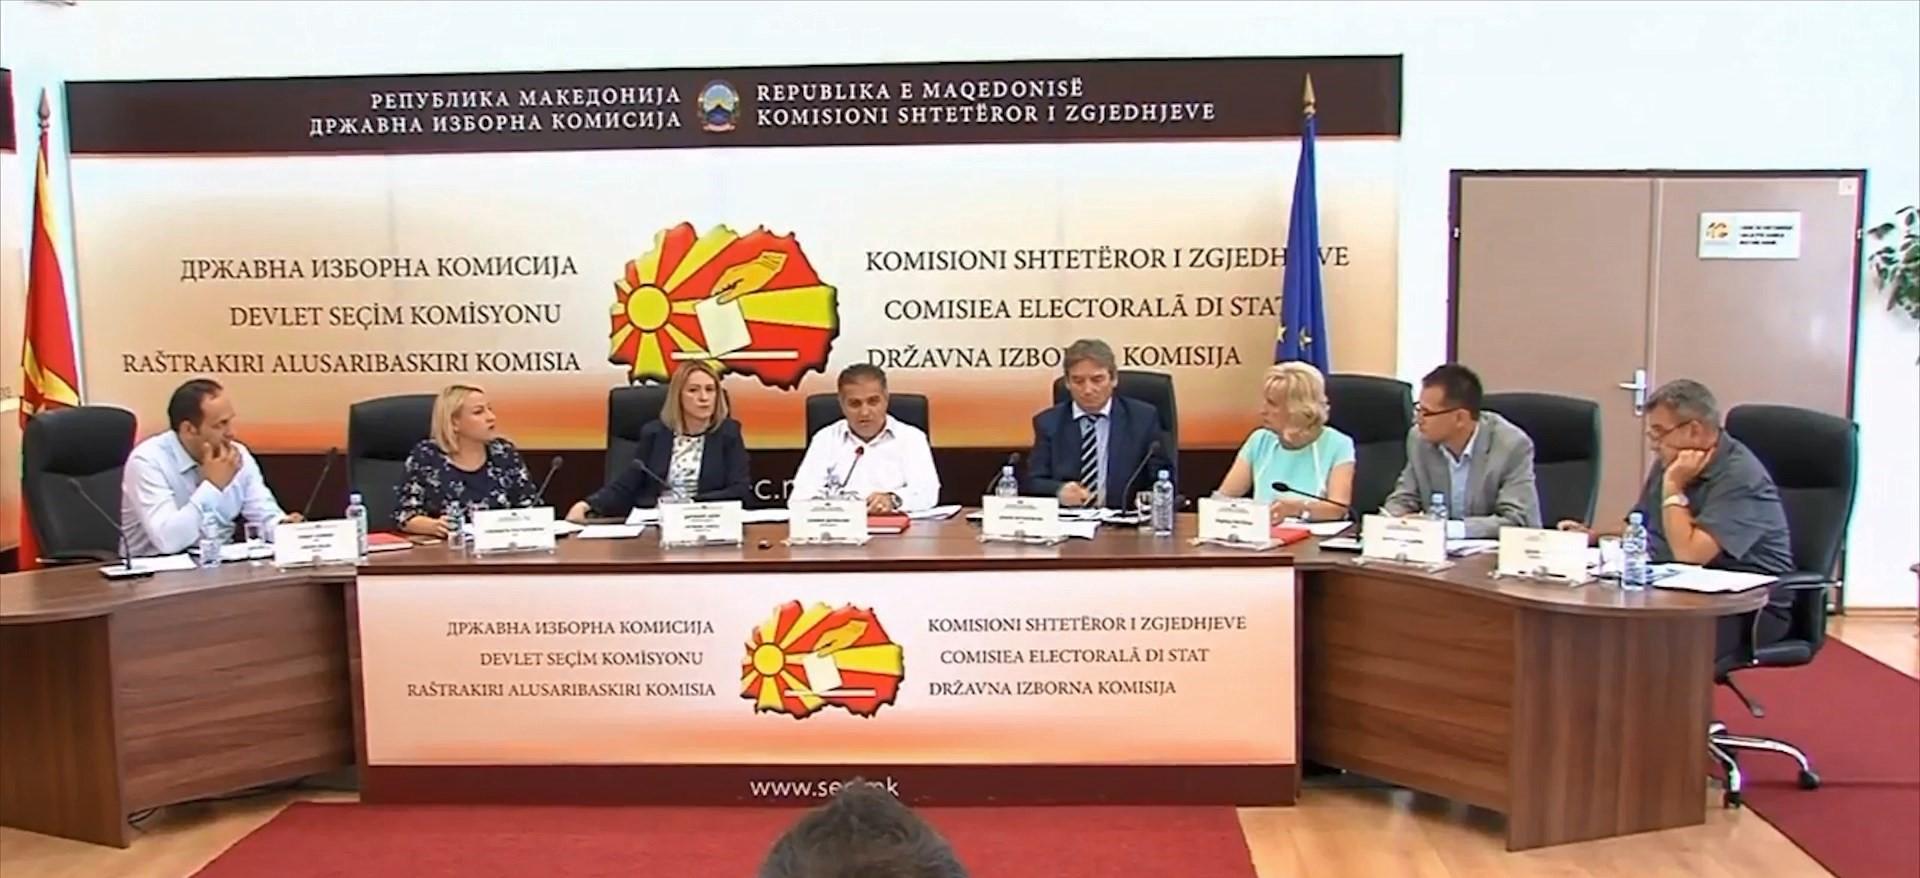 Maqedonia në heshtje zgjedhore, në pritje të referendumit të së dielës